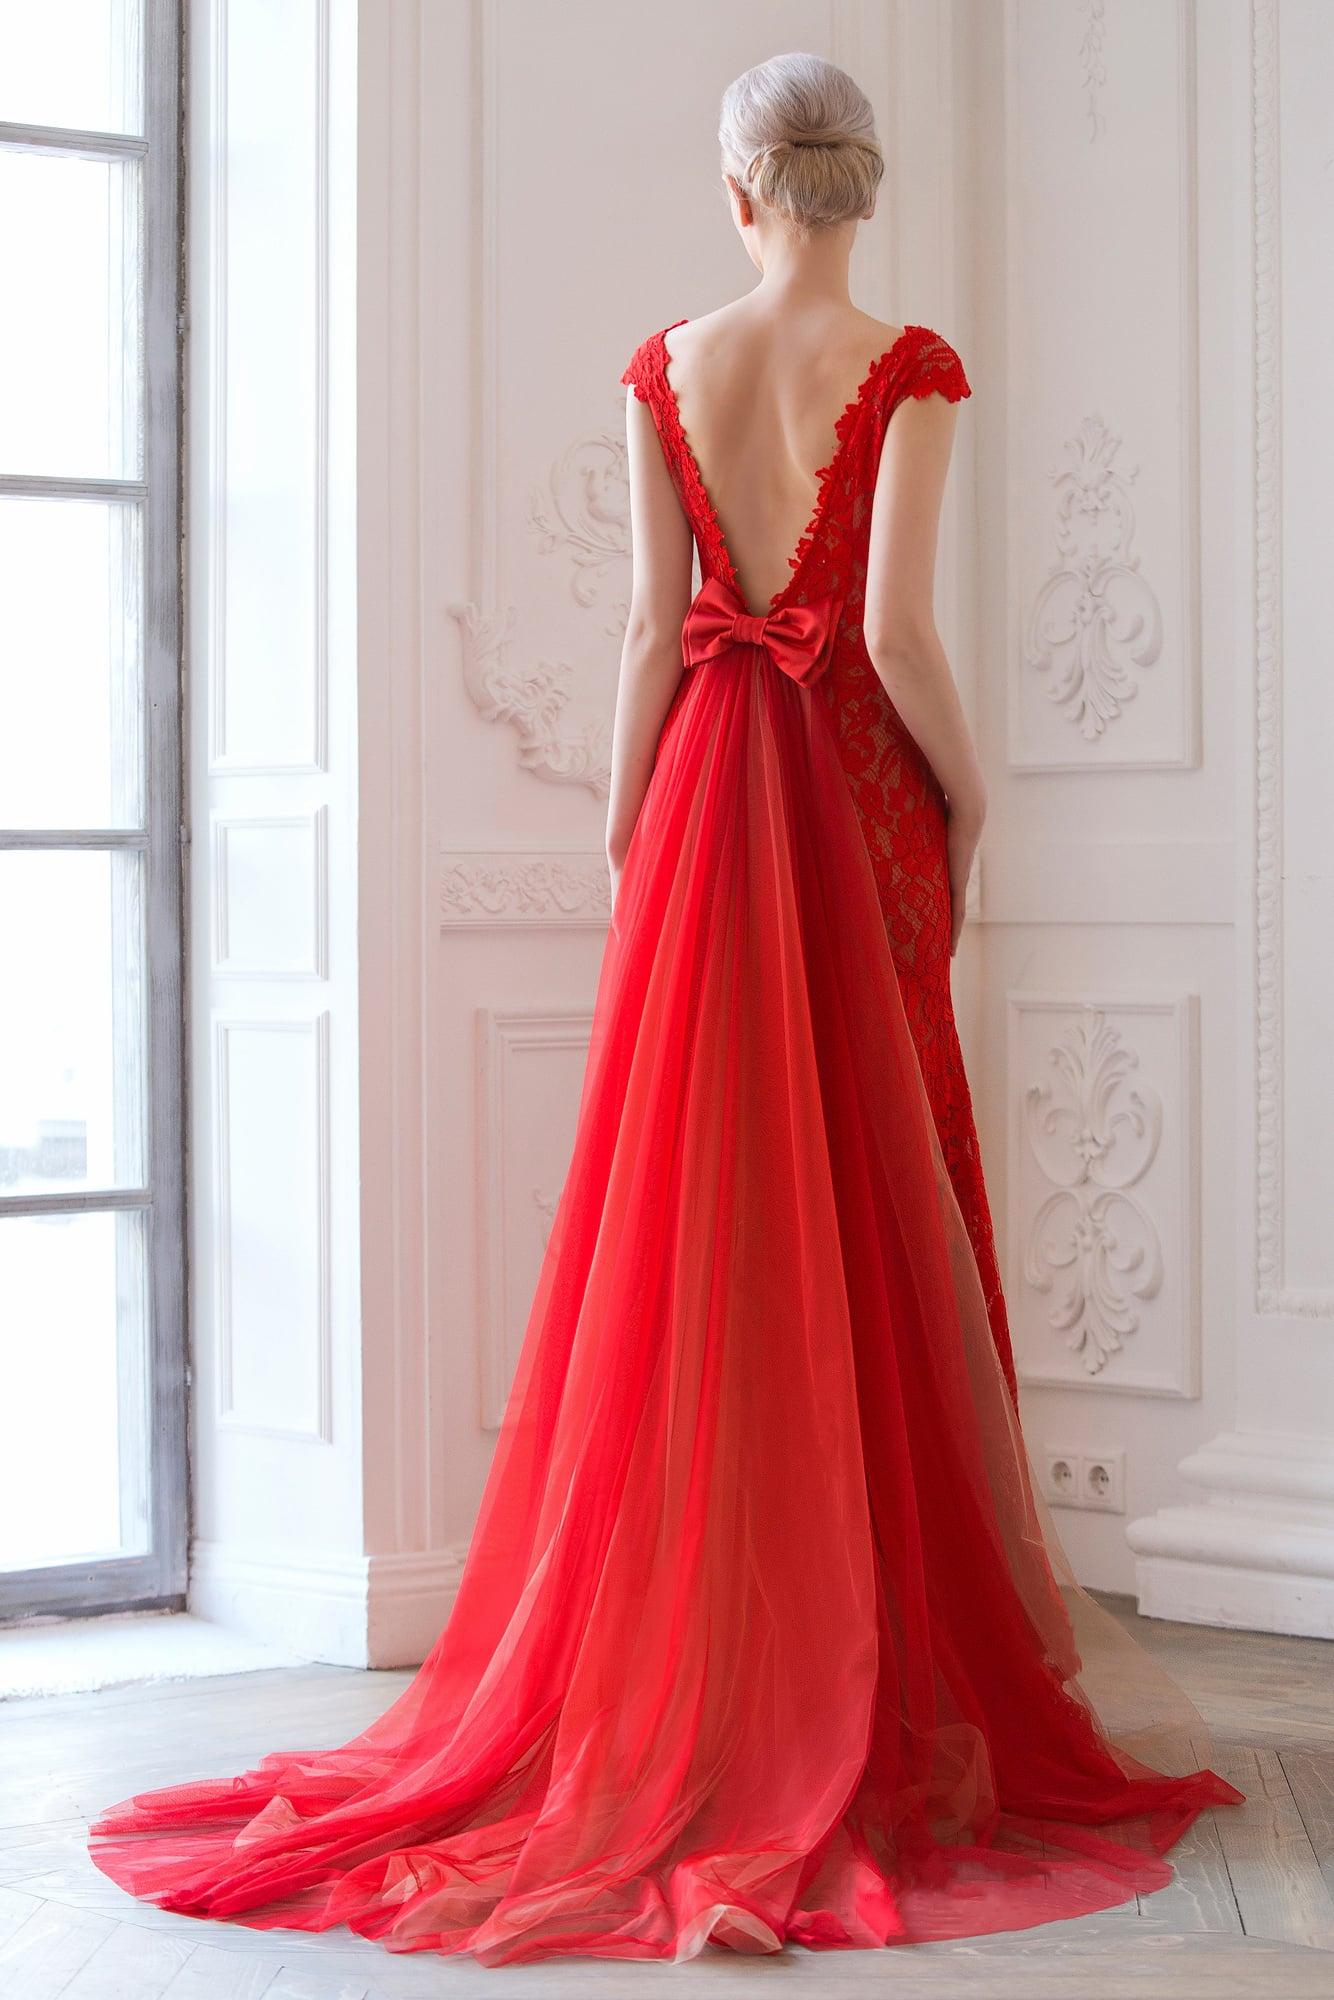 Прямое свадебное платье с многослойным шлейфом, выполненное из красного кружева.